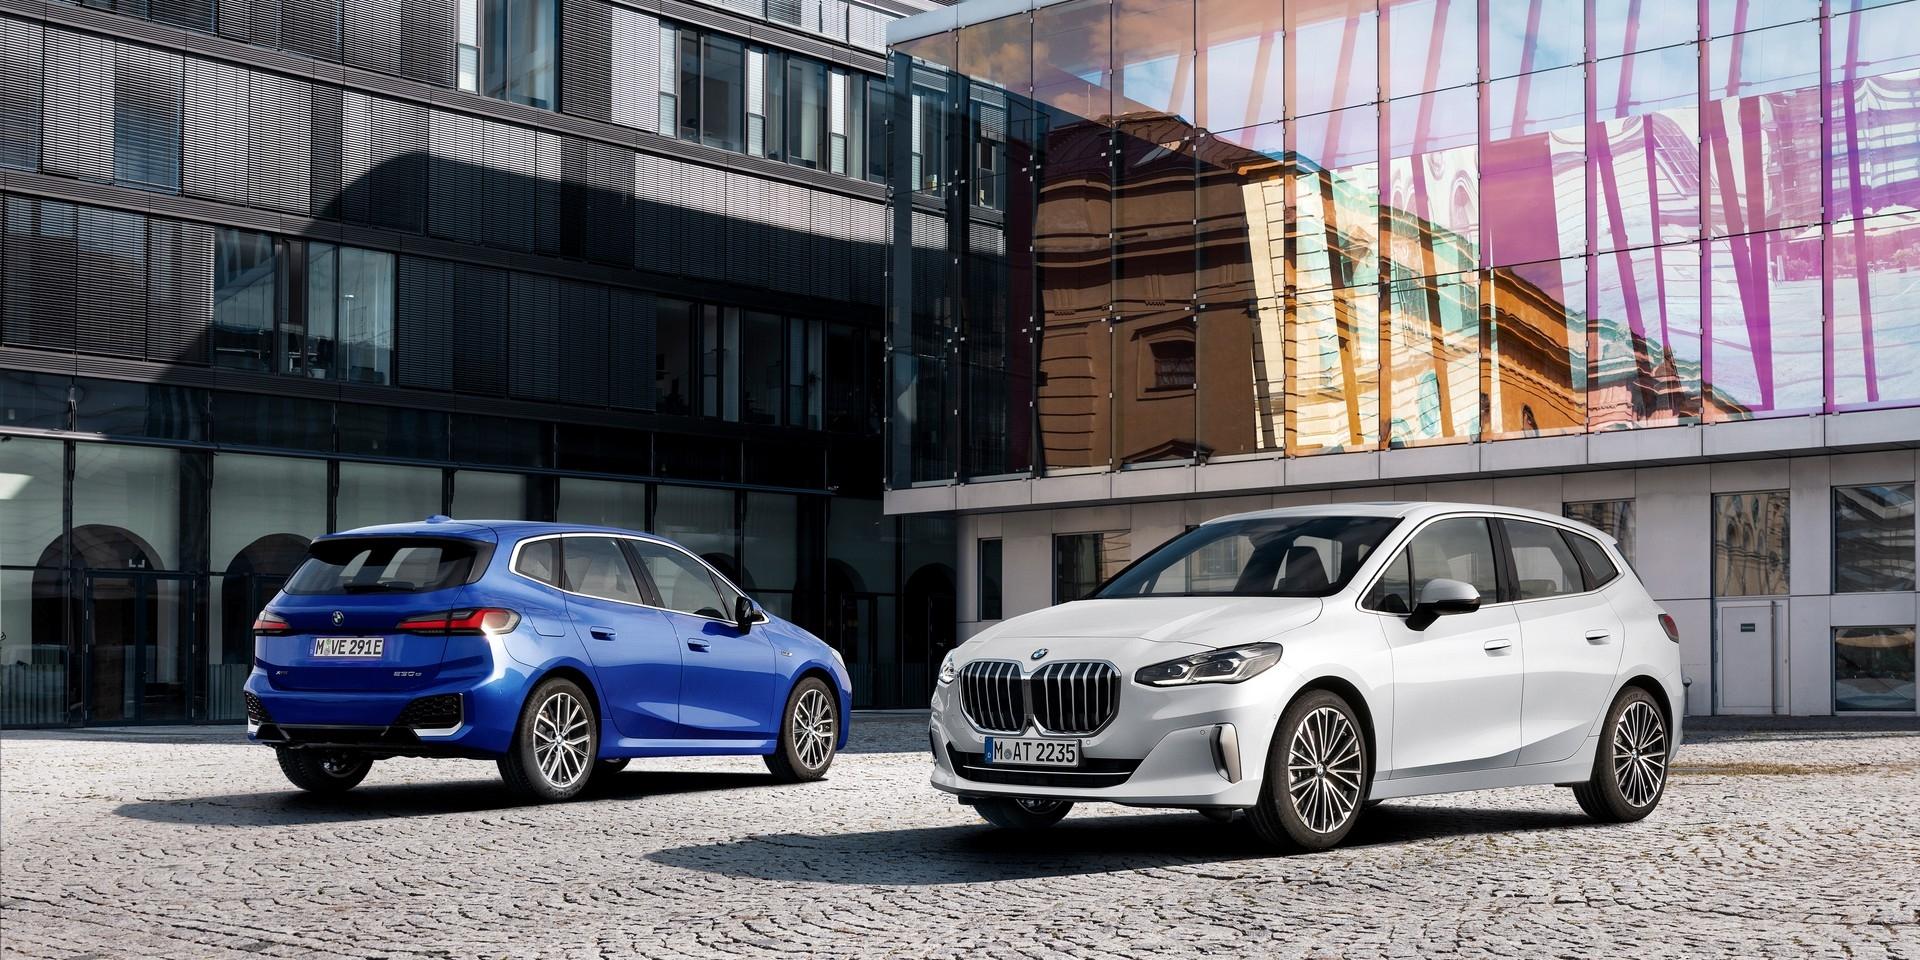 第二代BMW 2系列Active Tourer亮相,增加插電混合動力